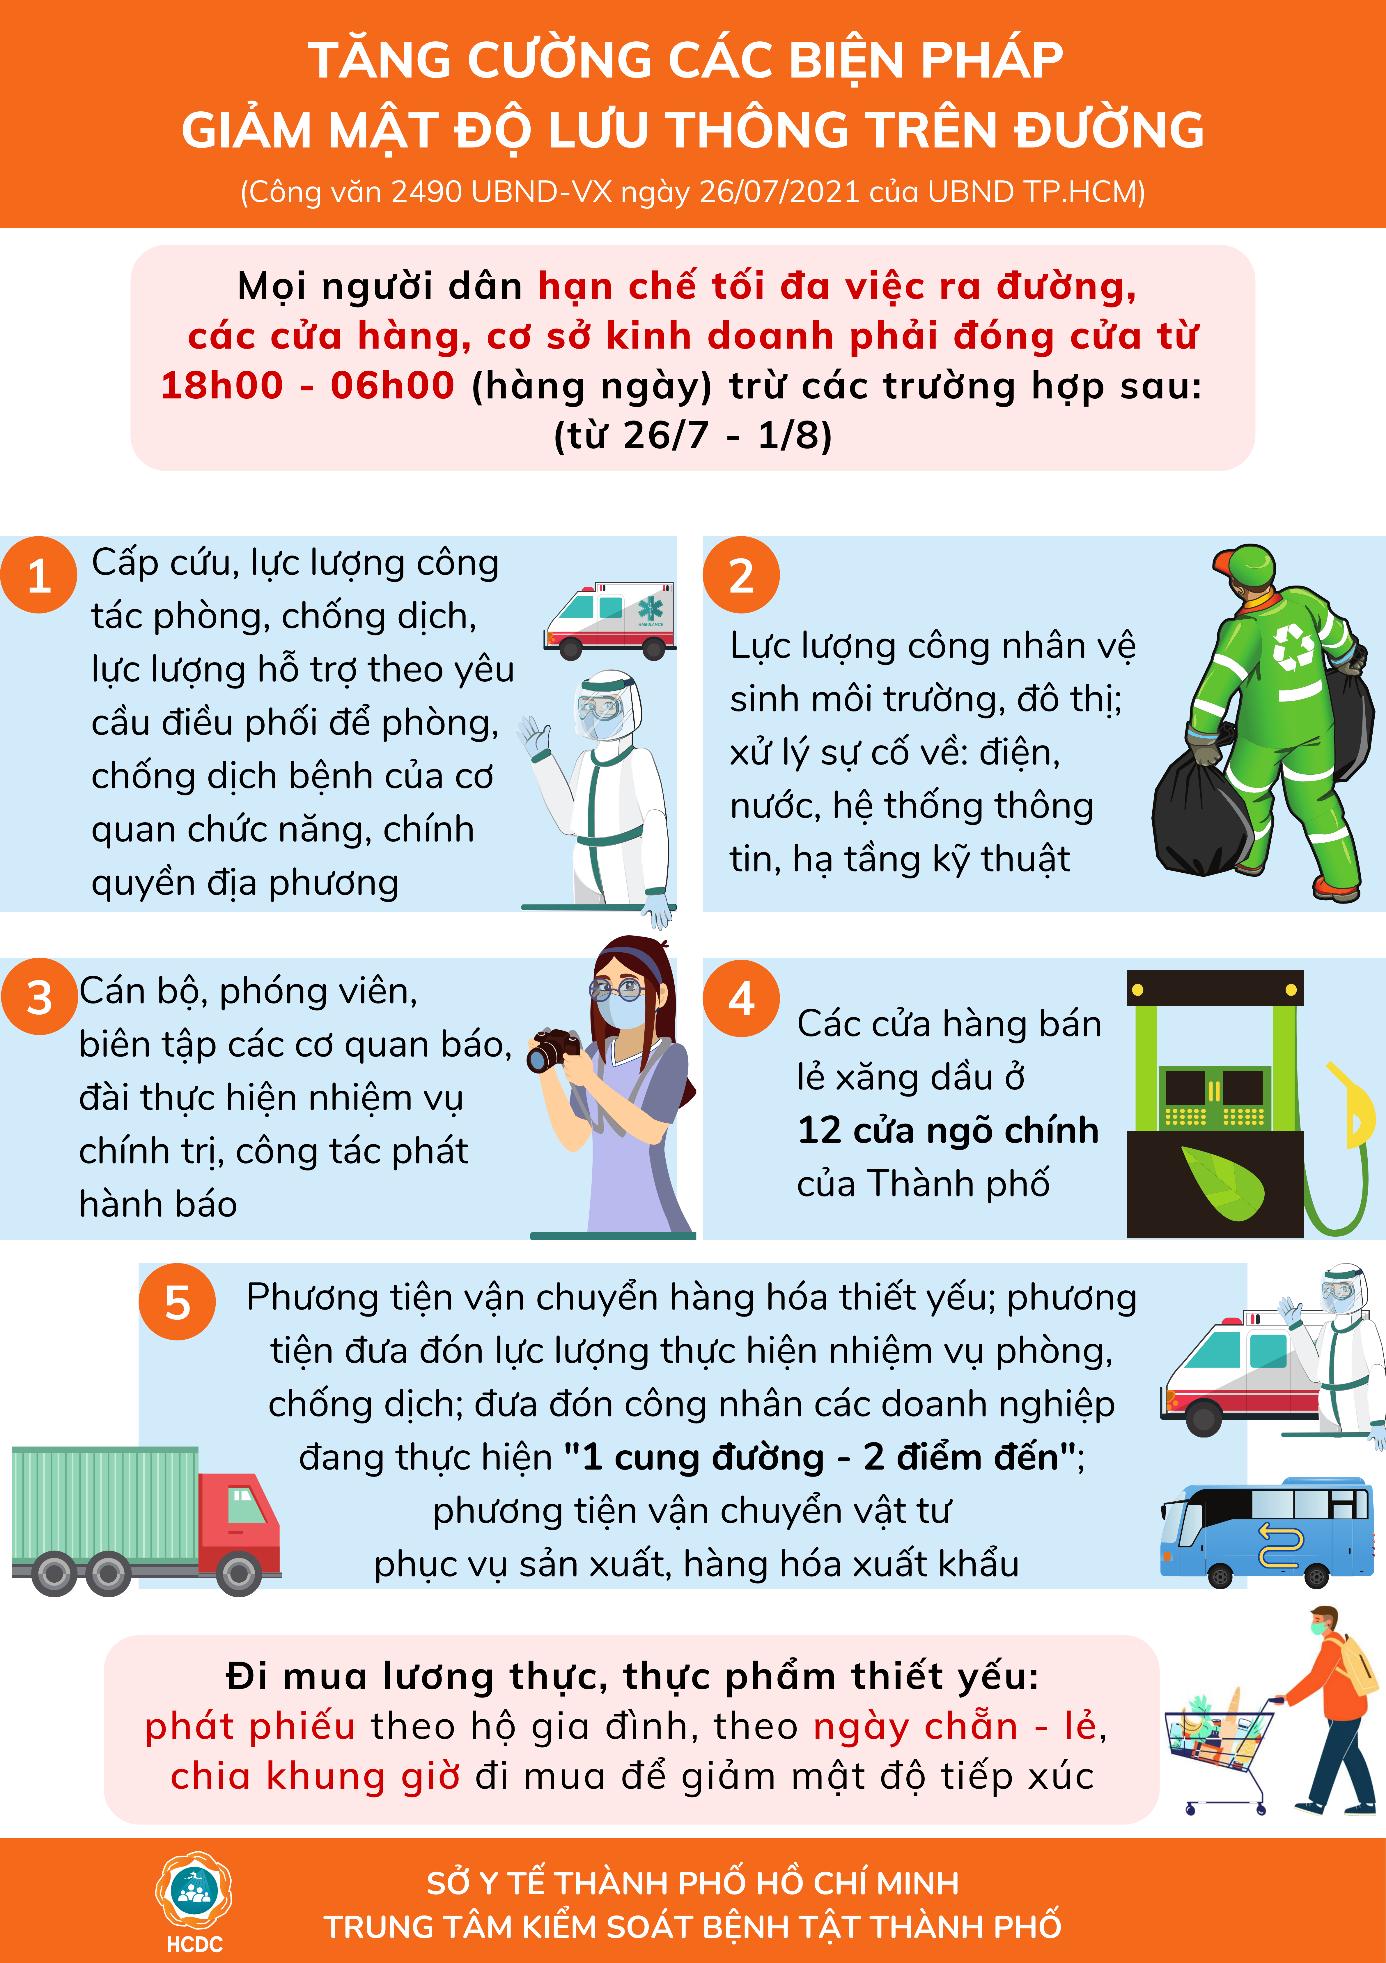 TP.HCM: Tăng cường thực hiện các biện pháp giảm mật độ lưu thông trên đường từ 18 giờ đến 6 giờ hàng ngày